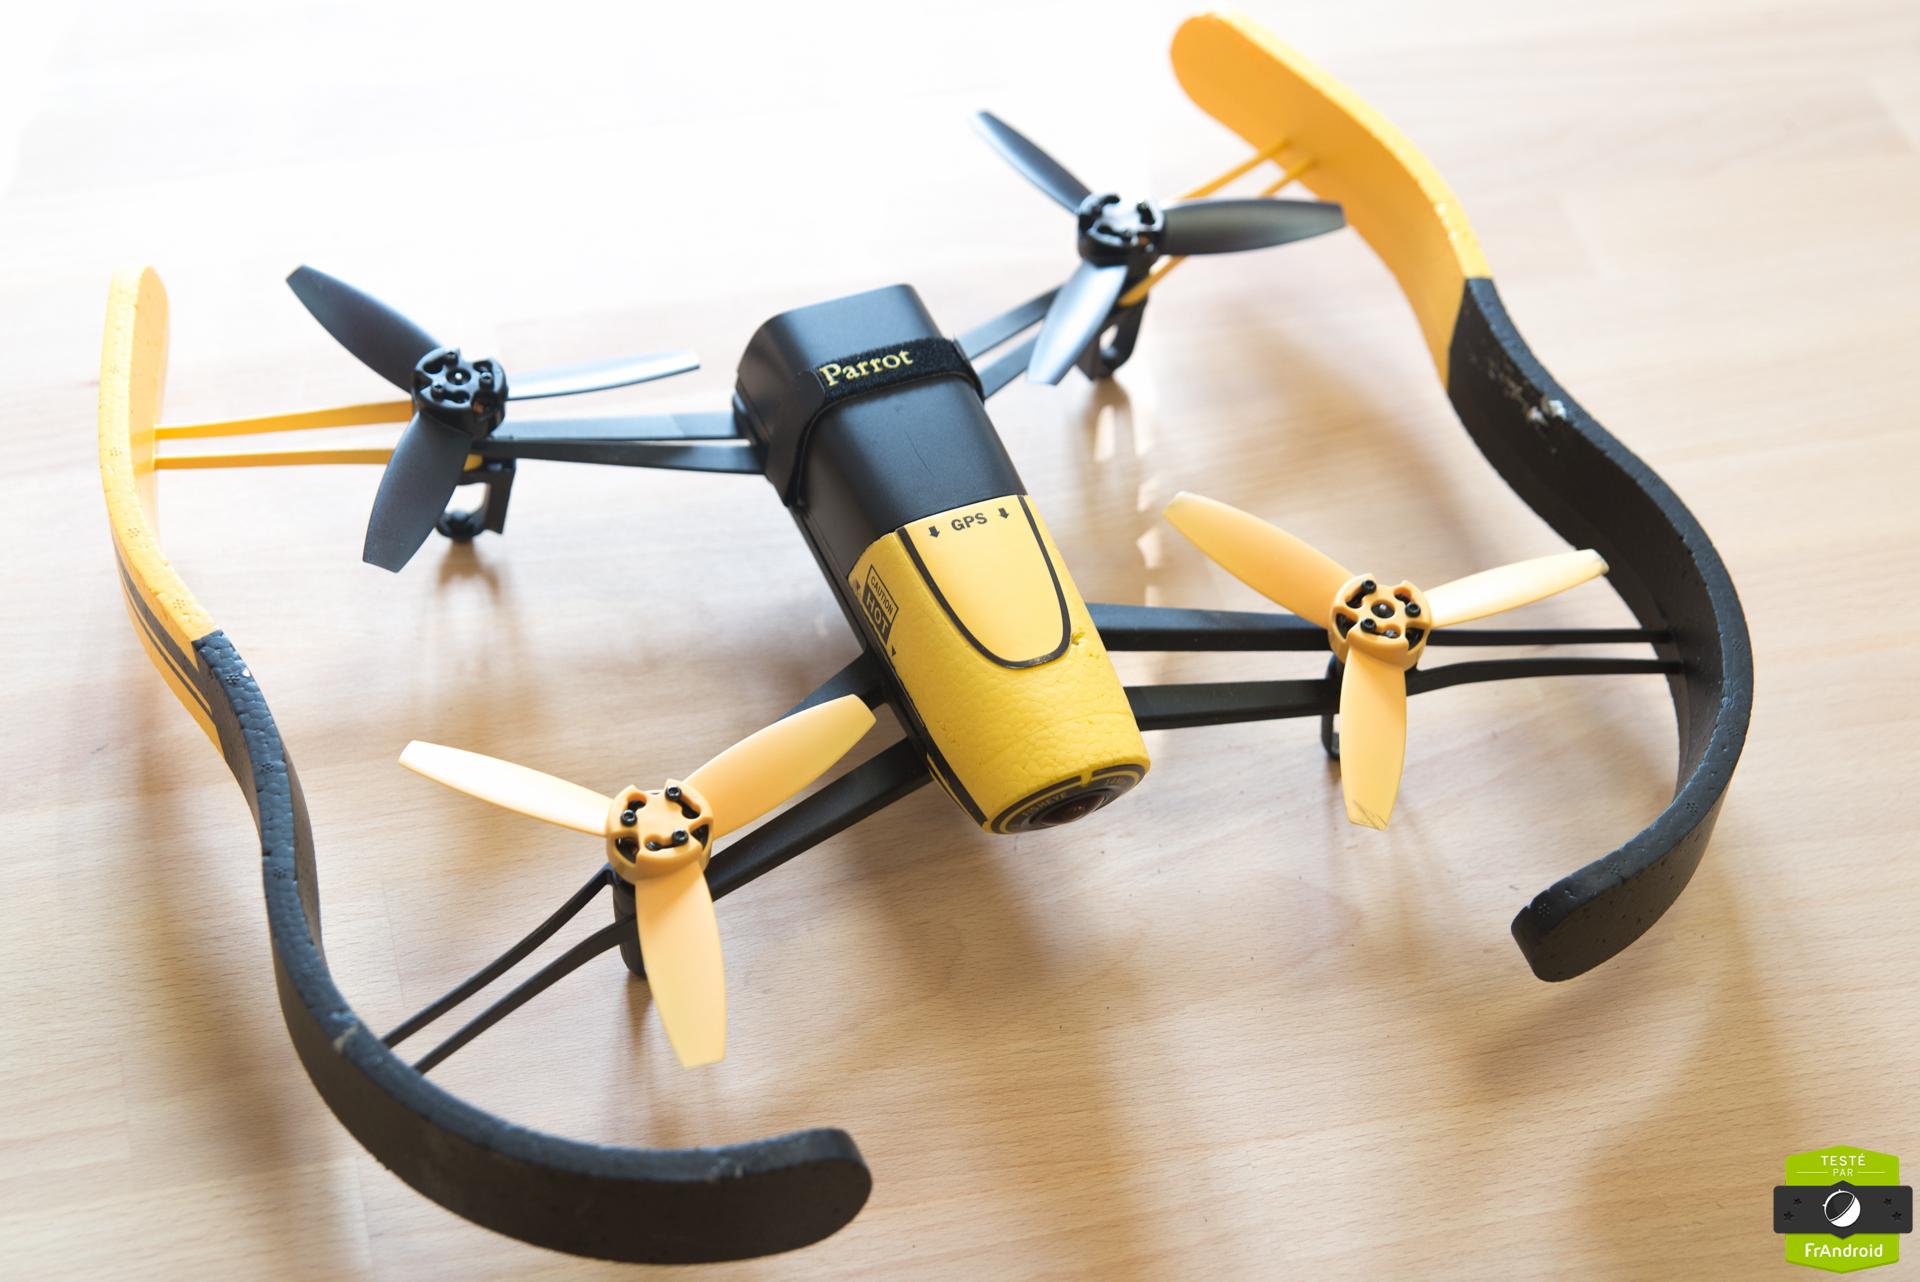 Test du Parrot Bebop Drone : les vidéos de vacances prennent leur envol